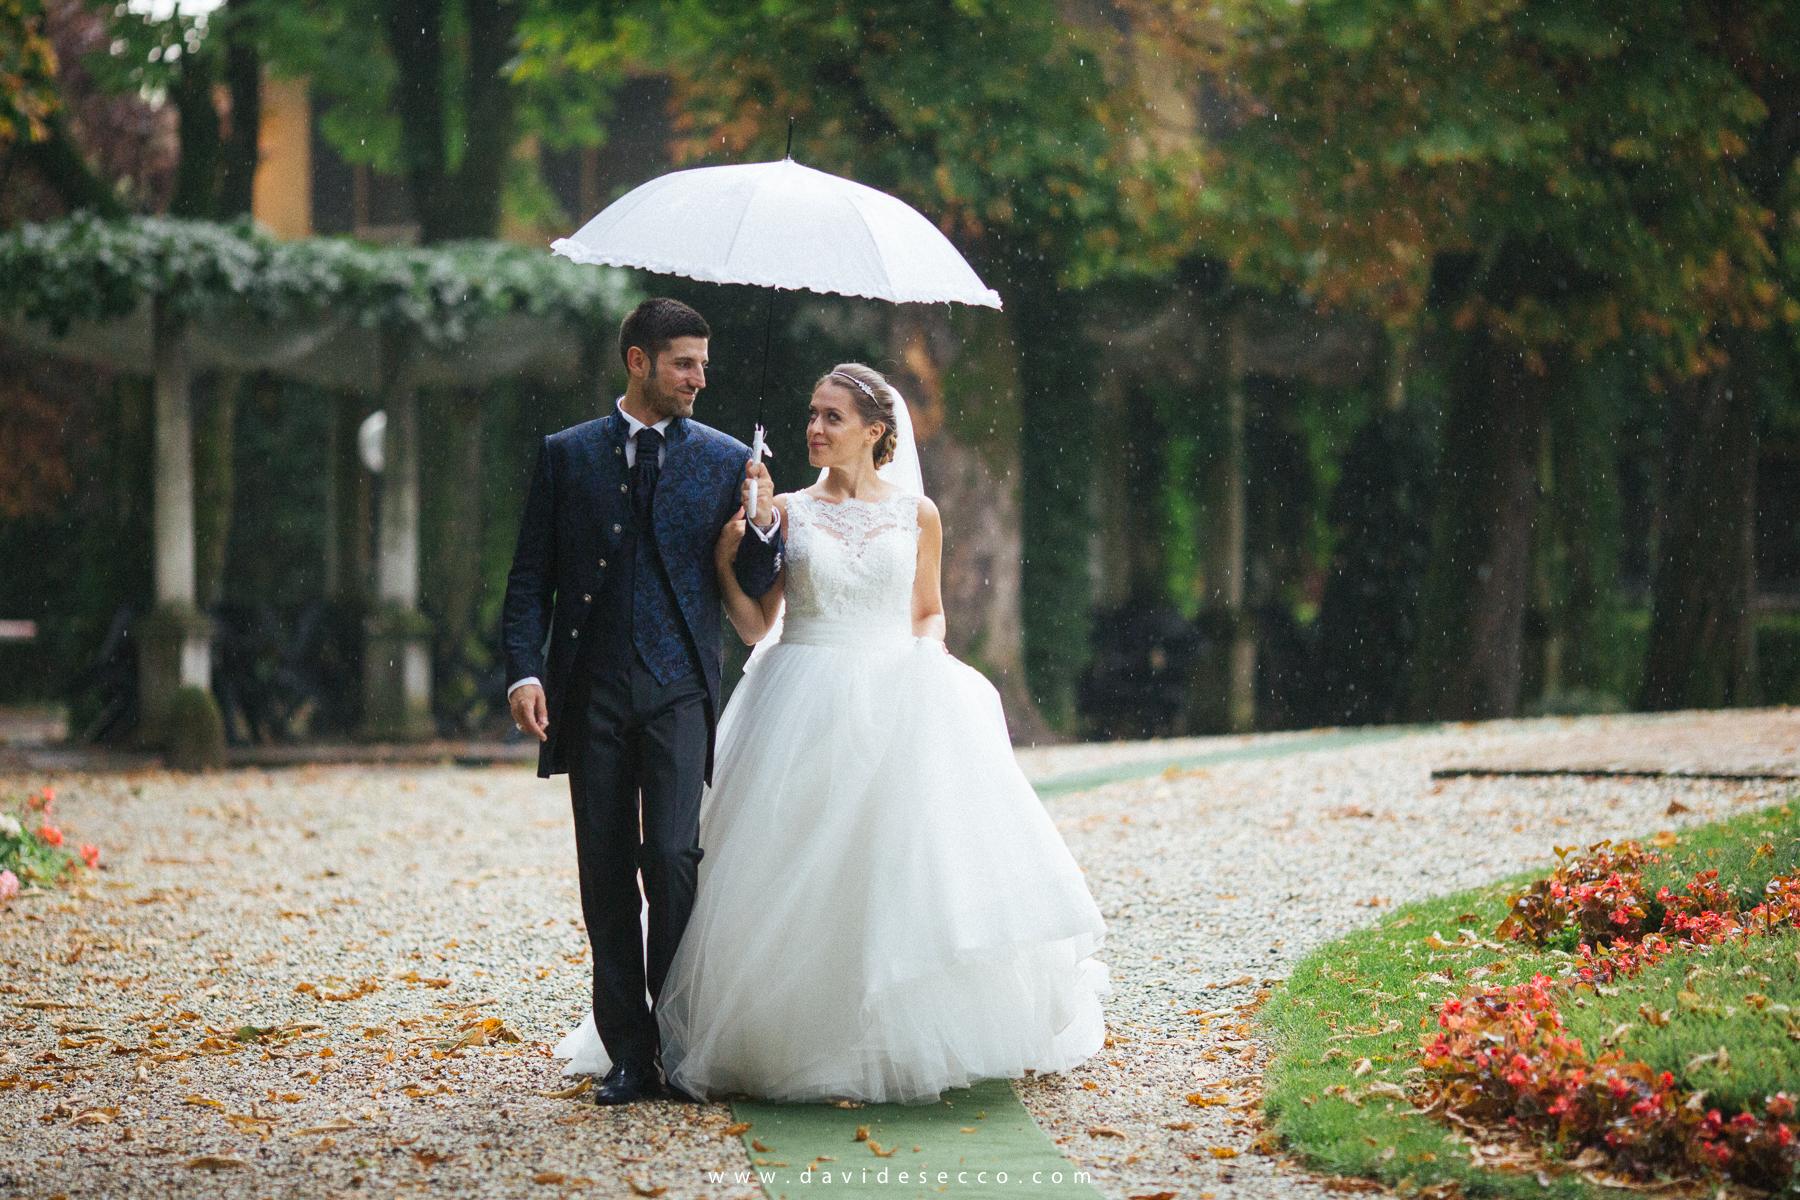 La pioggia non ci ha spaventato in alcun modo!